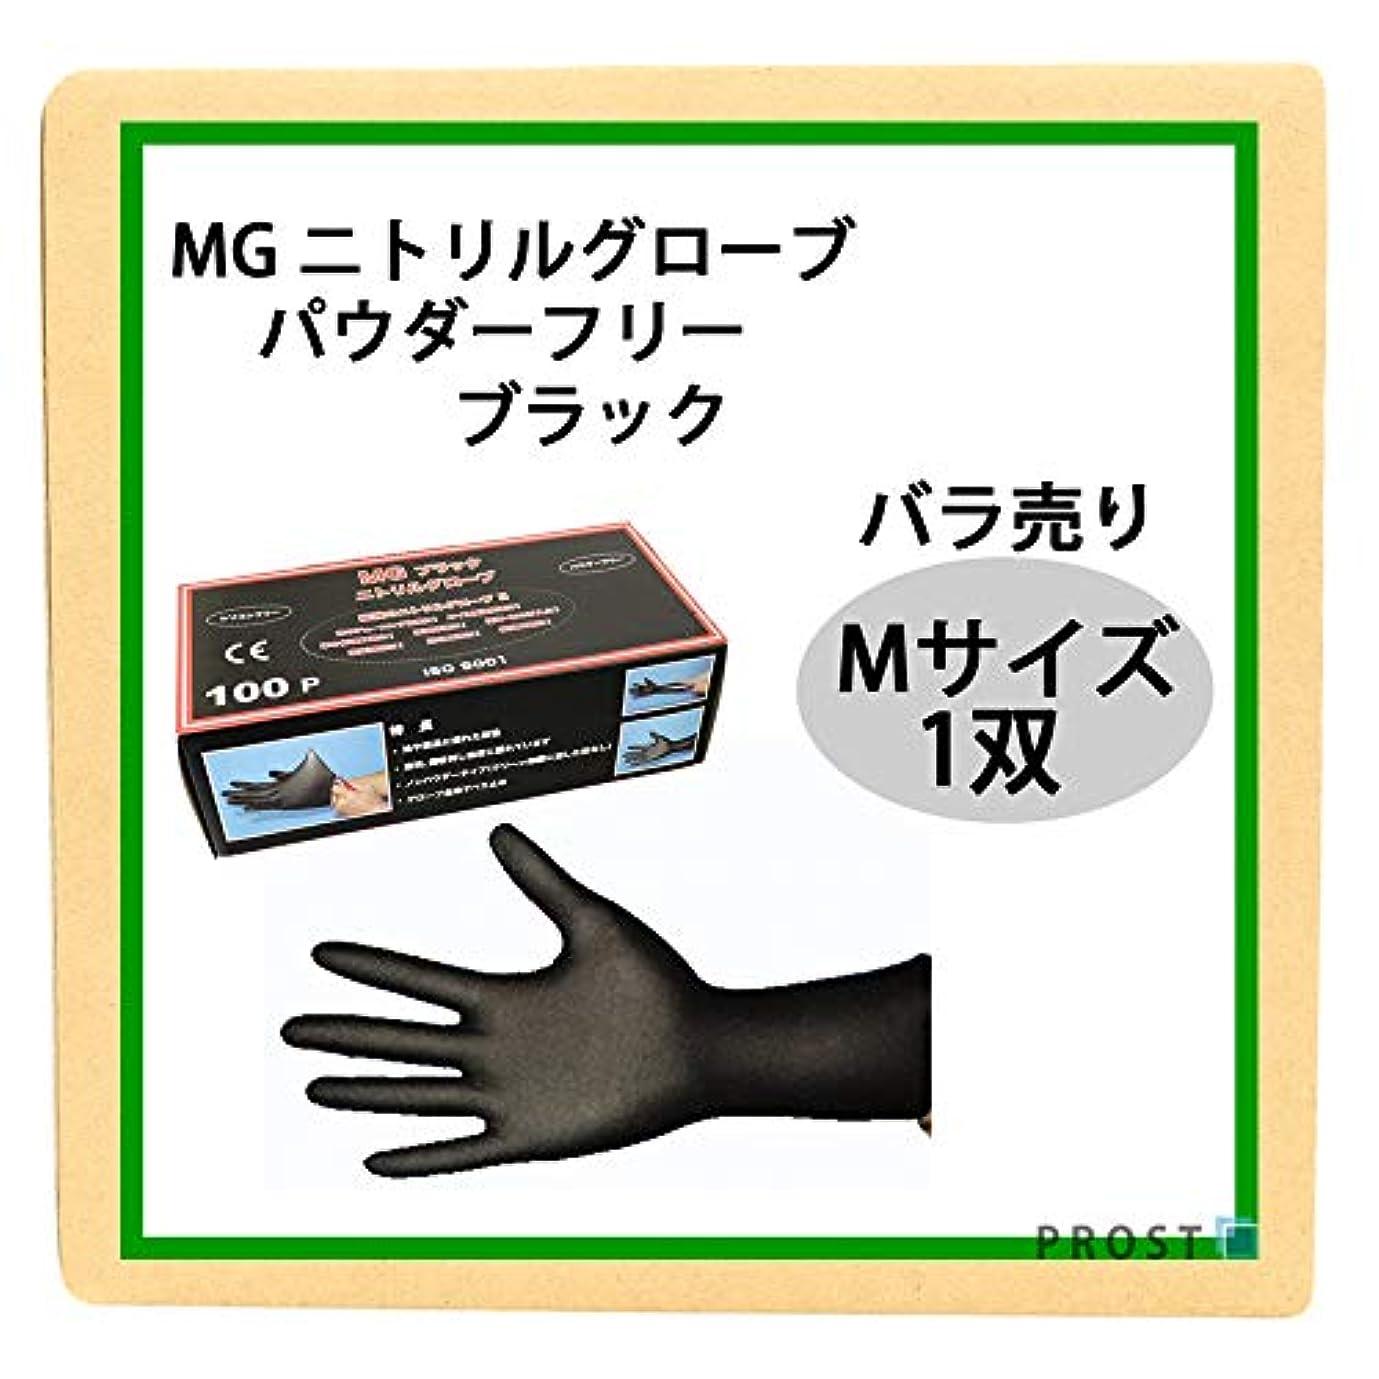 スクレーパーリングバック小川MG ニトリルグローブ ブラック パウダー フリー Mサイズ 1双/ニトリル手袋 ゴム手袋 塗装 オイル ニトリルゴム